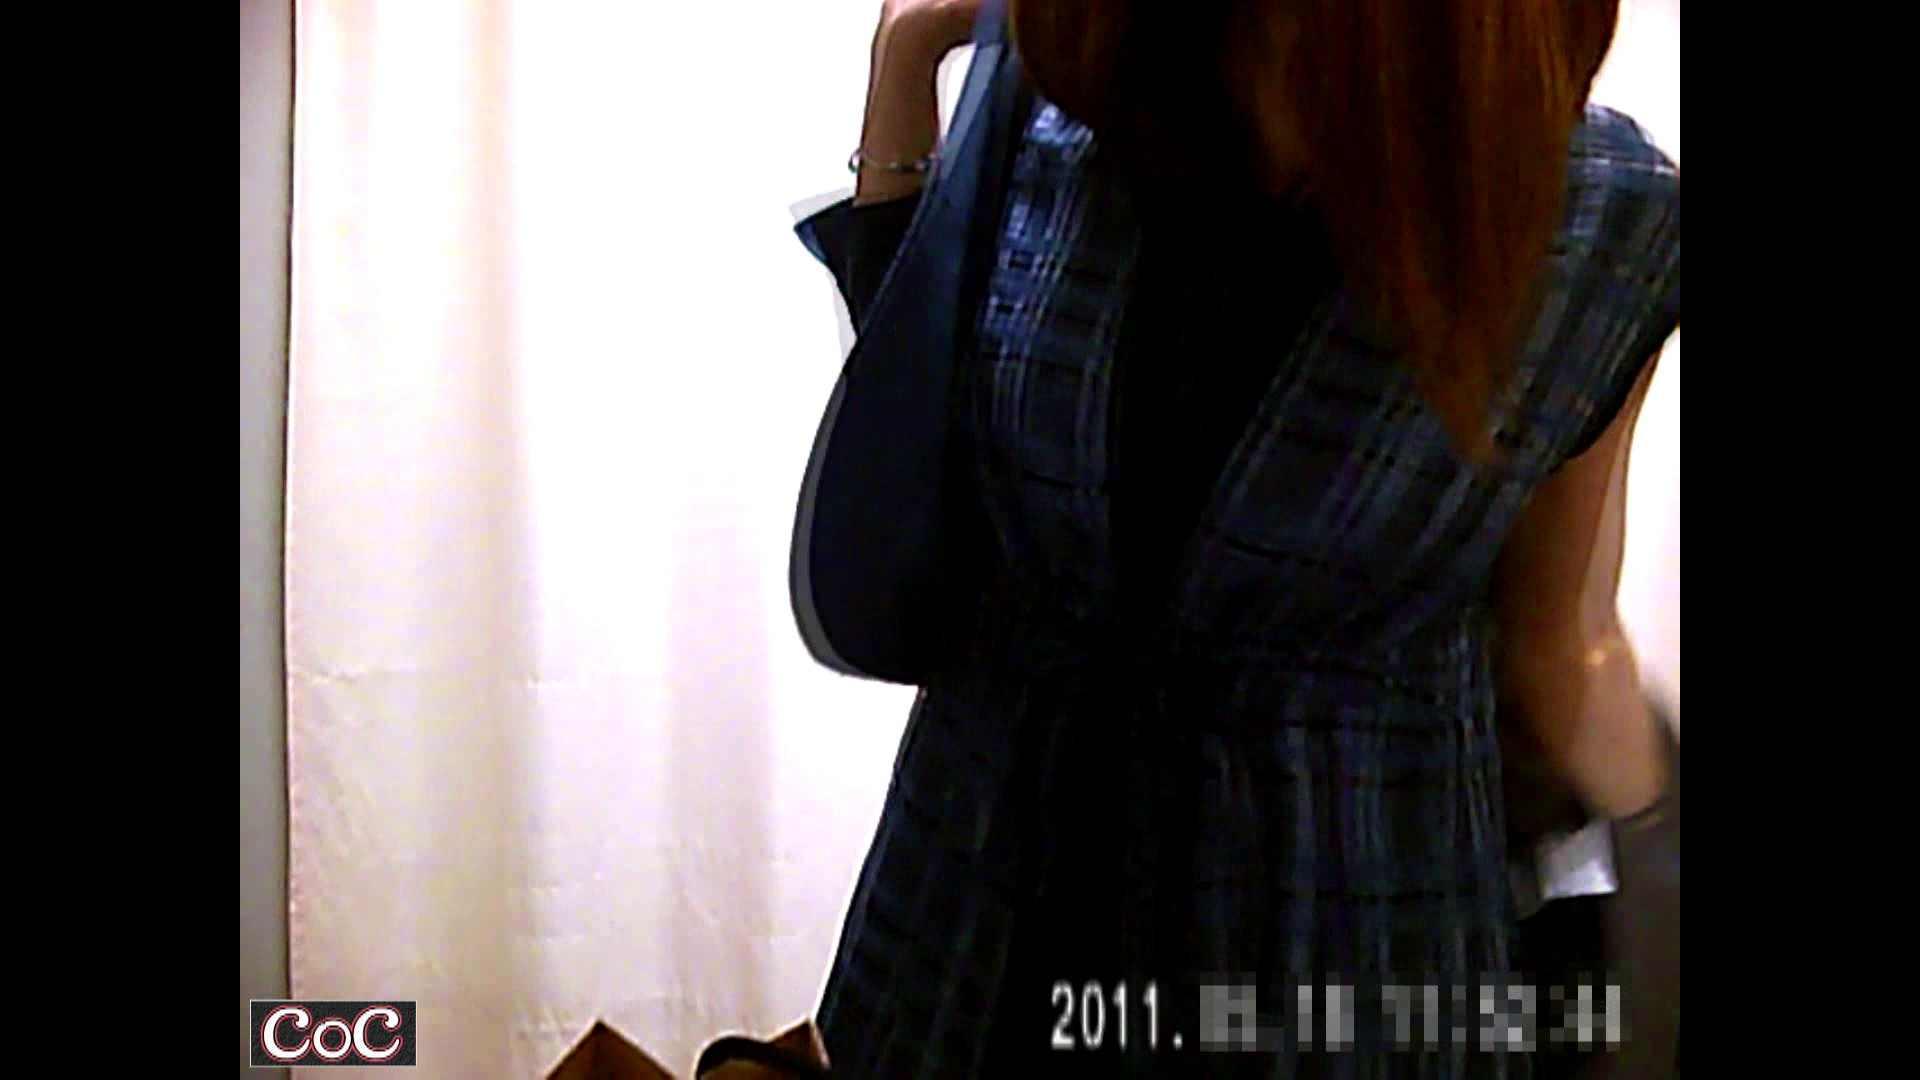 病院おもいっきり着替え! vol.124 着替え オマンコ無修正動画無料 93画像 5